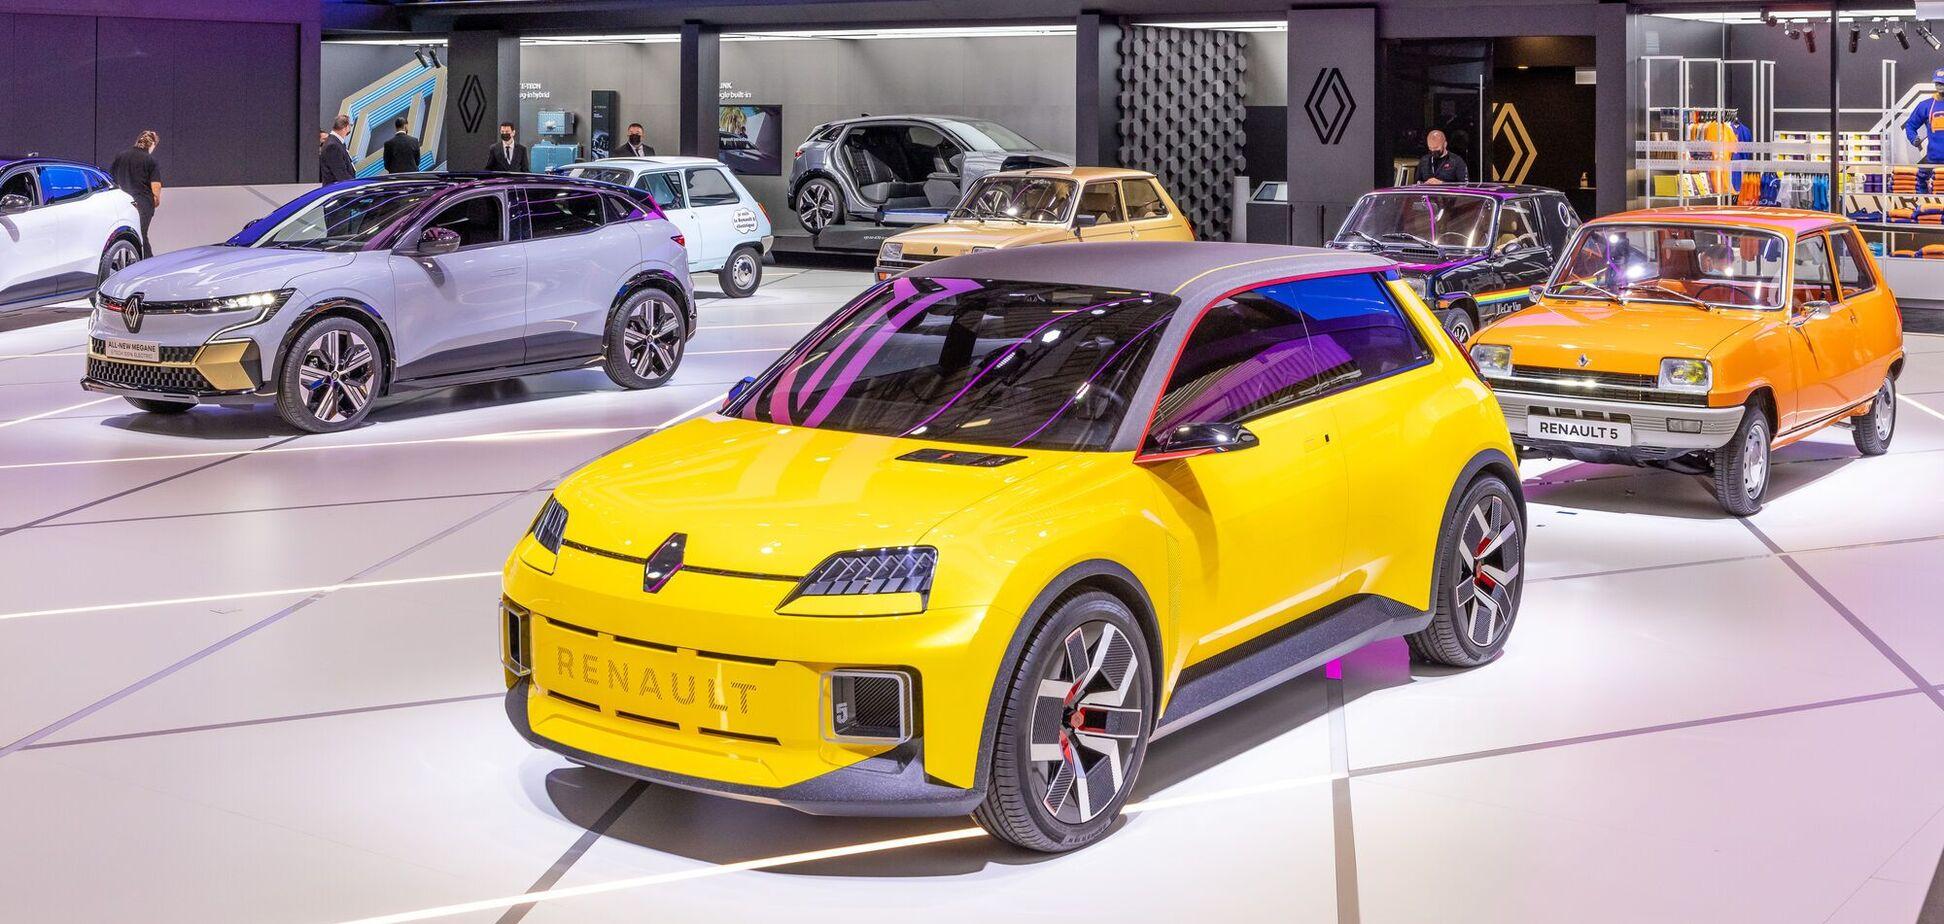 Електричний Renault 5 Prototype показали в Мюнхені